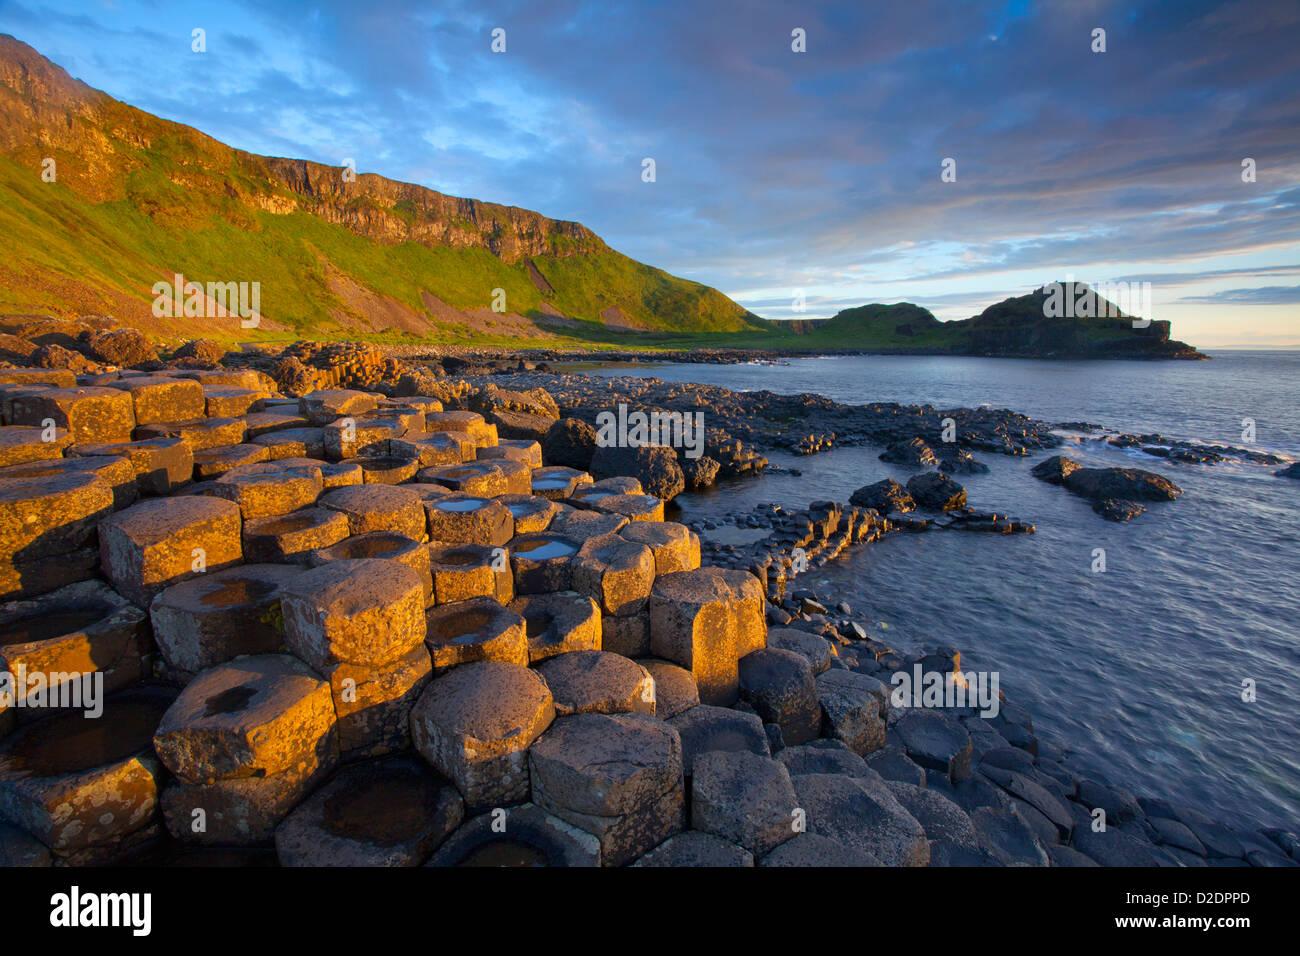 Abendlicht auf dem Giant es Causeway, County Antrim, Nordirland. Stockbild